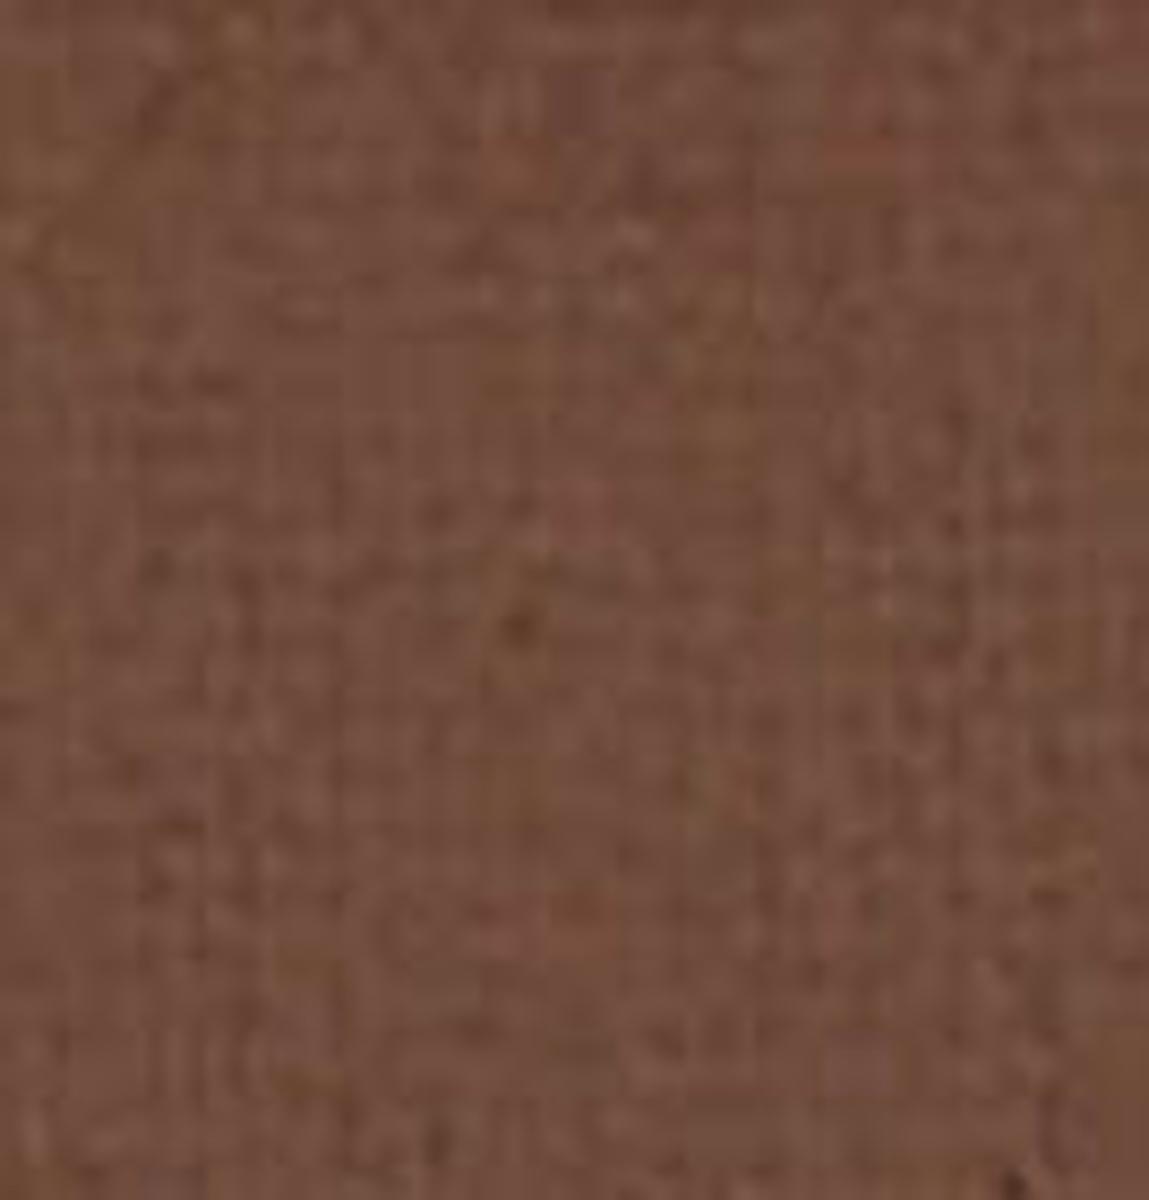 ArtdecoТени для век, матовые, 1 цвет, тон №524, 0,8 г Artdeco